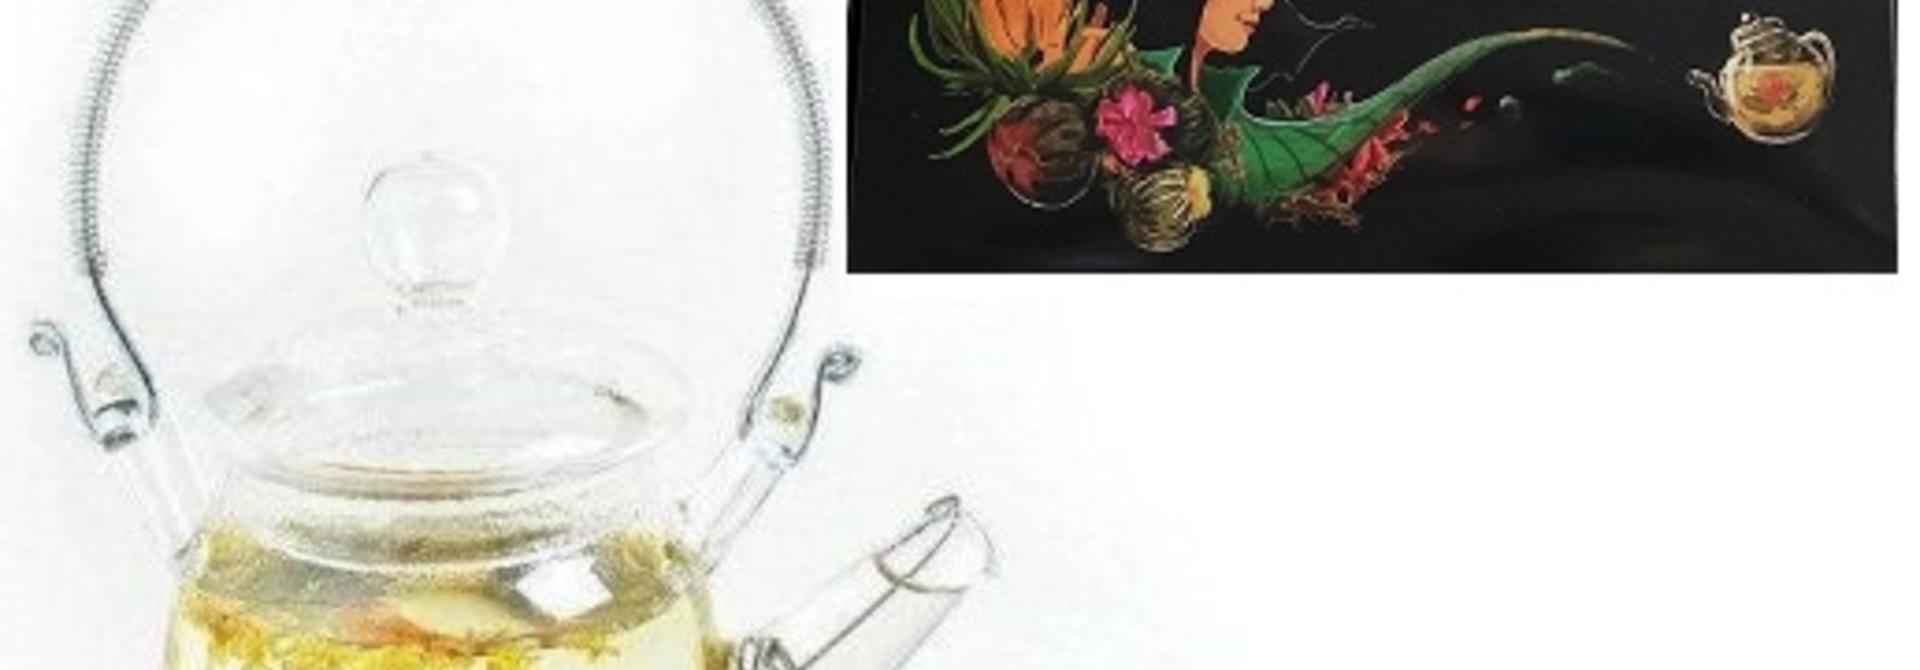 12 Teeblumen + Teekanne aus Glas 350ml